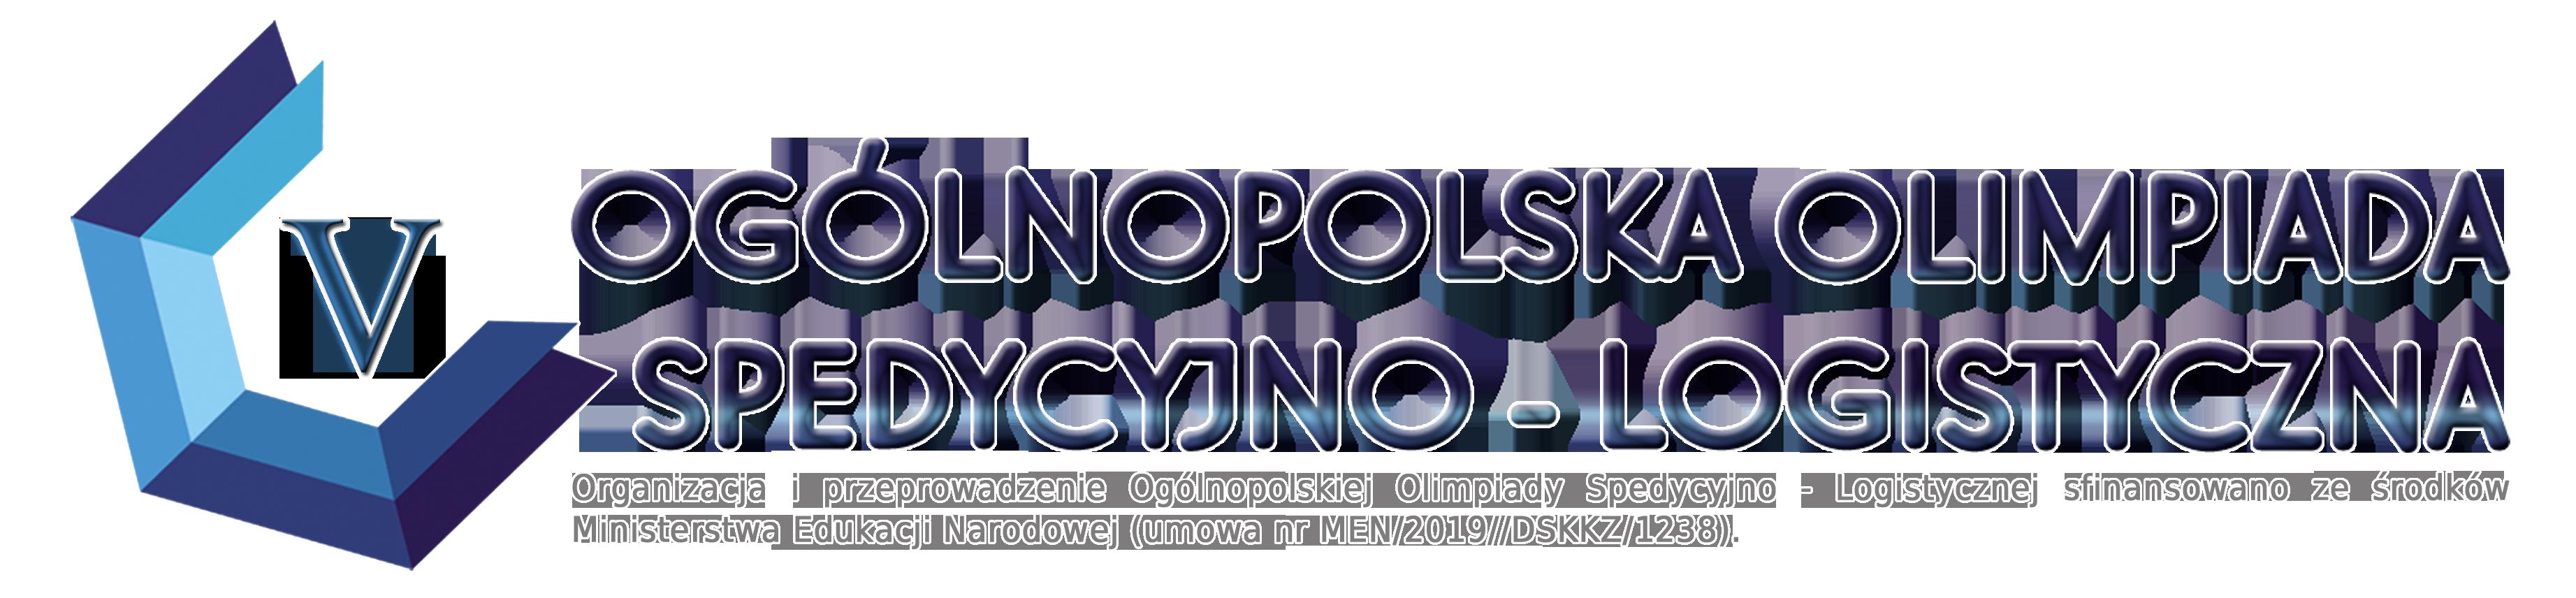 półfinałOgólnopolskiej Olimpiady Spedycyjno-Logistycznej